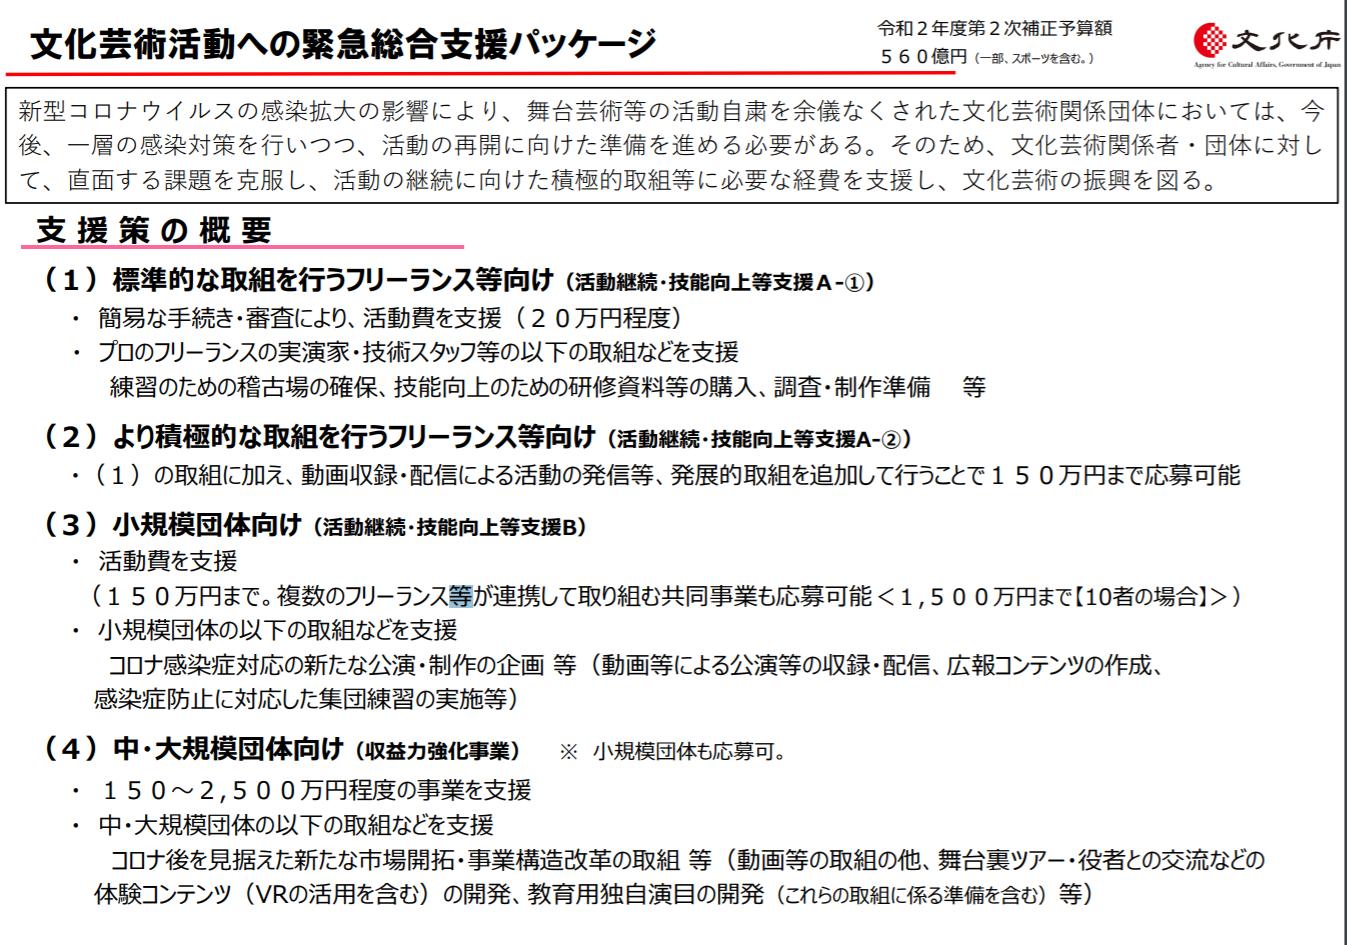 文化芸術活動緊急総合支援パッケージ(文化庁)